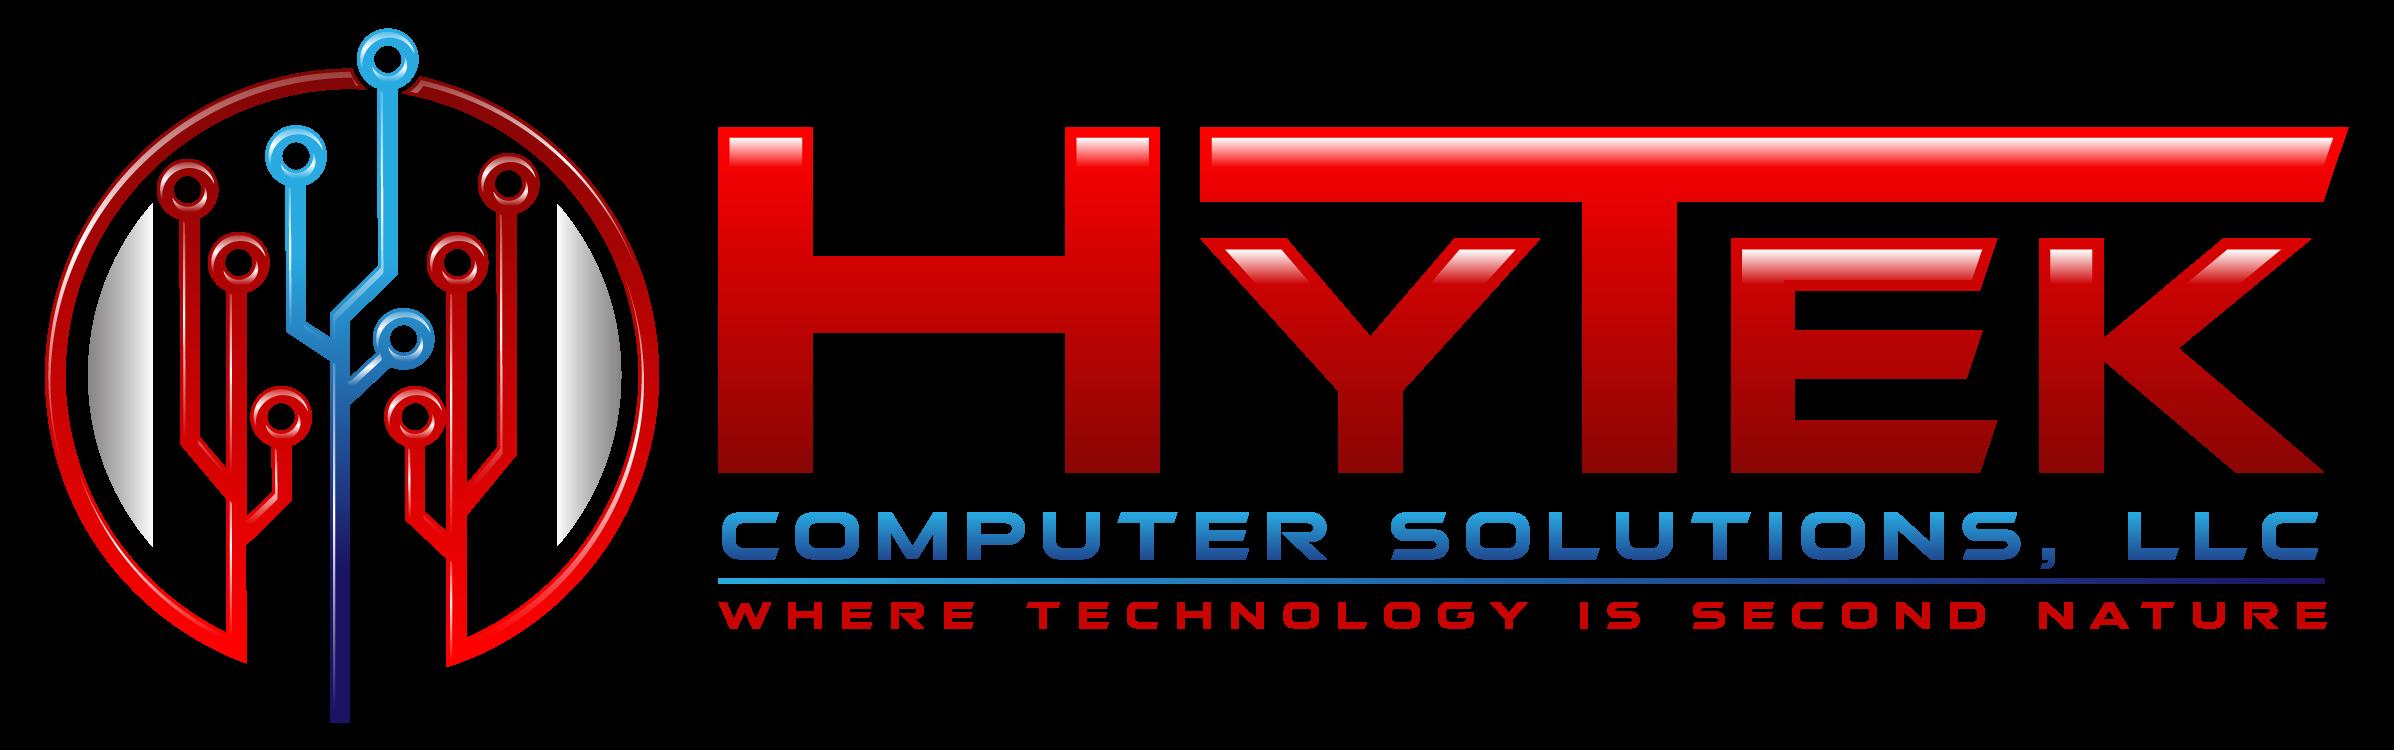 HyTek Computer Solutions, LLC – Computer Repair & Technical